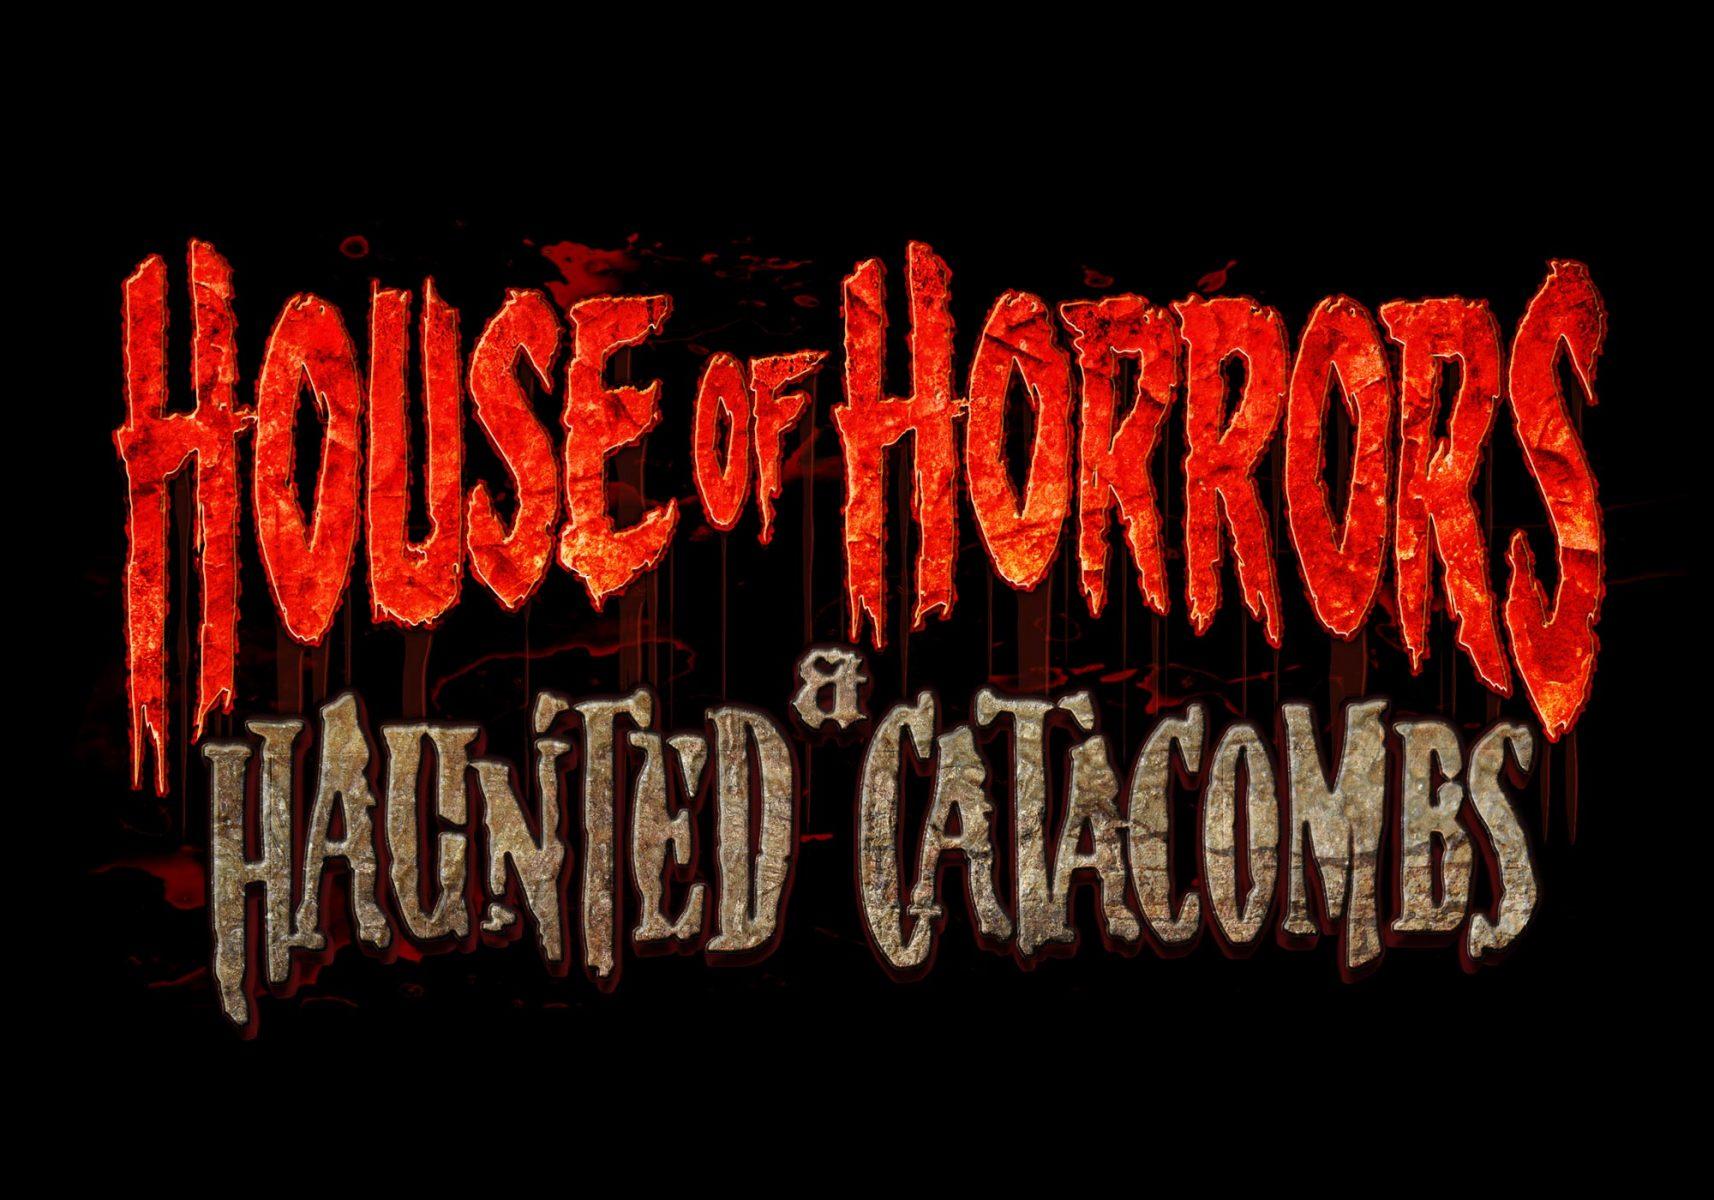 House Of Horrors Logo